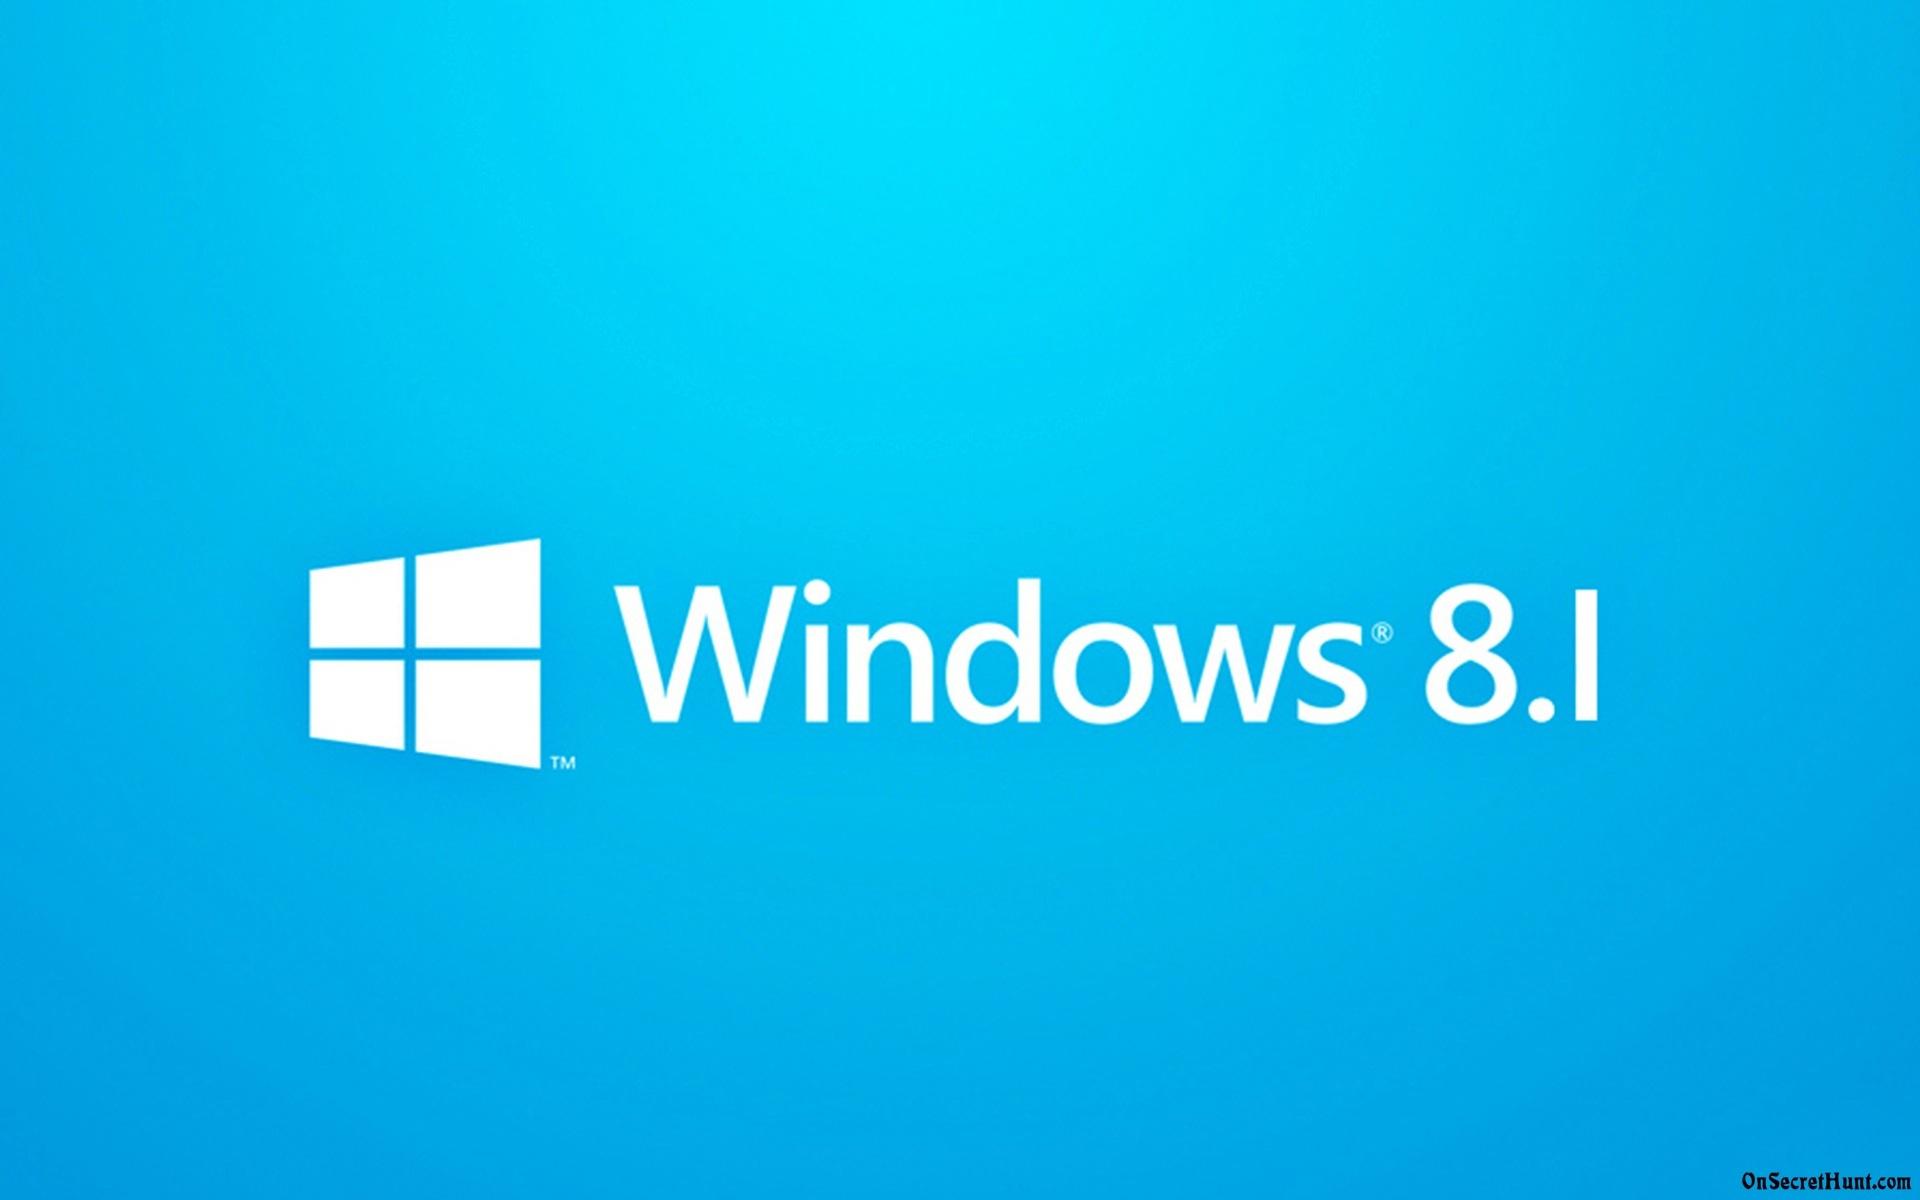 Windows 8 1 Wallpaper Download Wallpapersafari